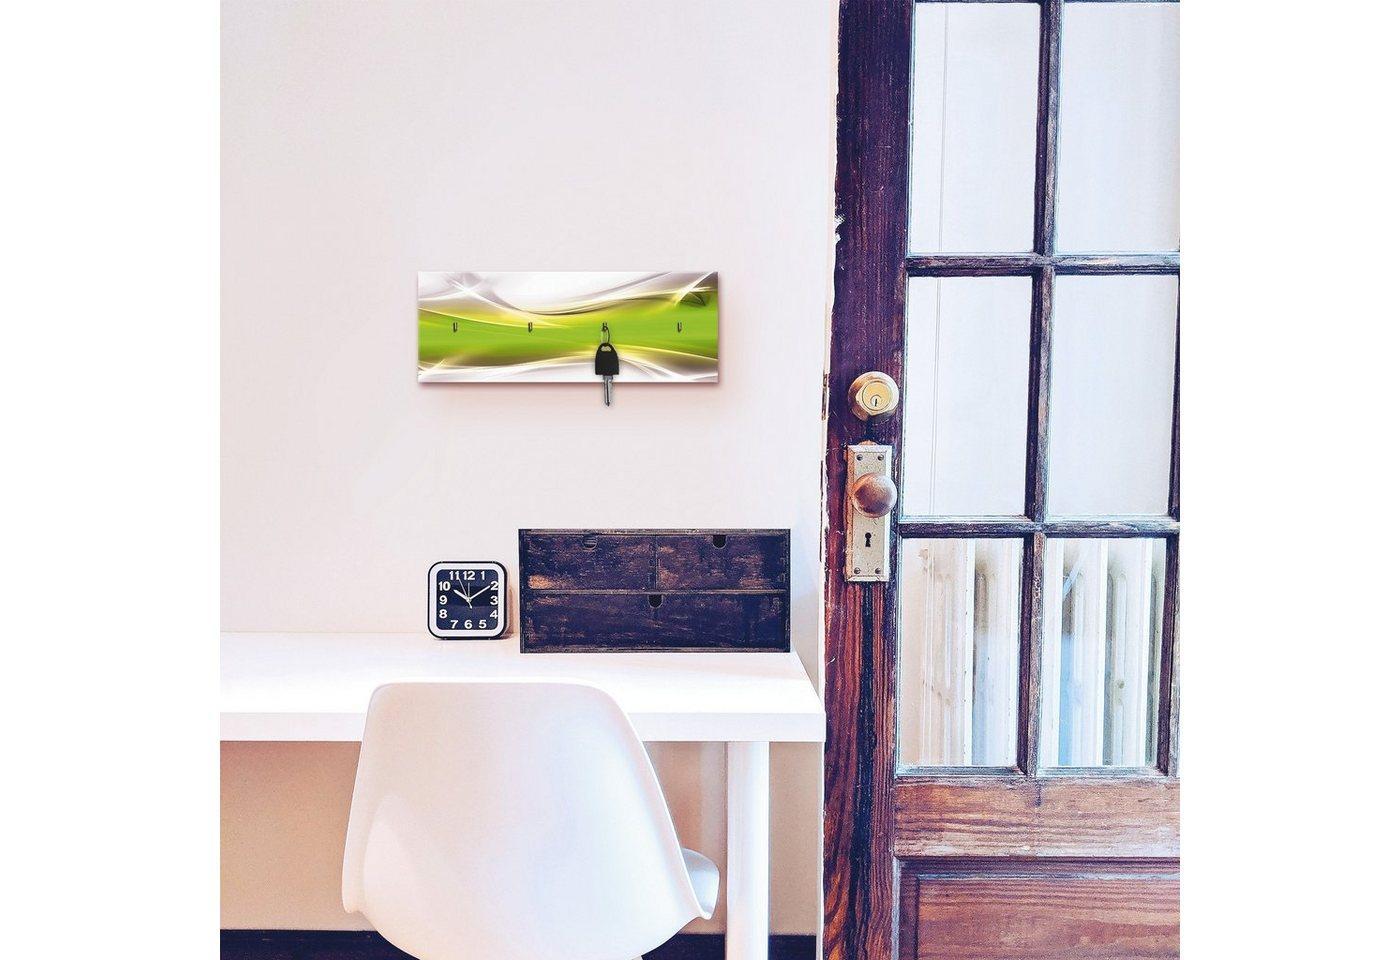 Artland Schlüsselbrett »Kreatives Element«, aus Holz mit 4 Schlüsselhaken – Schlüsselboard, Schlüsselbretter, Schlüsselhalter, Schlüsselaufhänger für den Flur – Stil: Modern